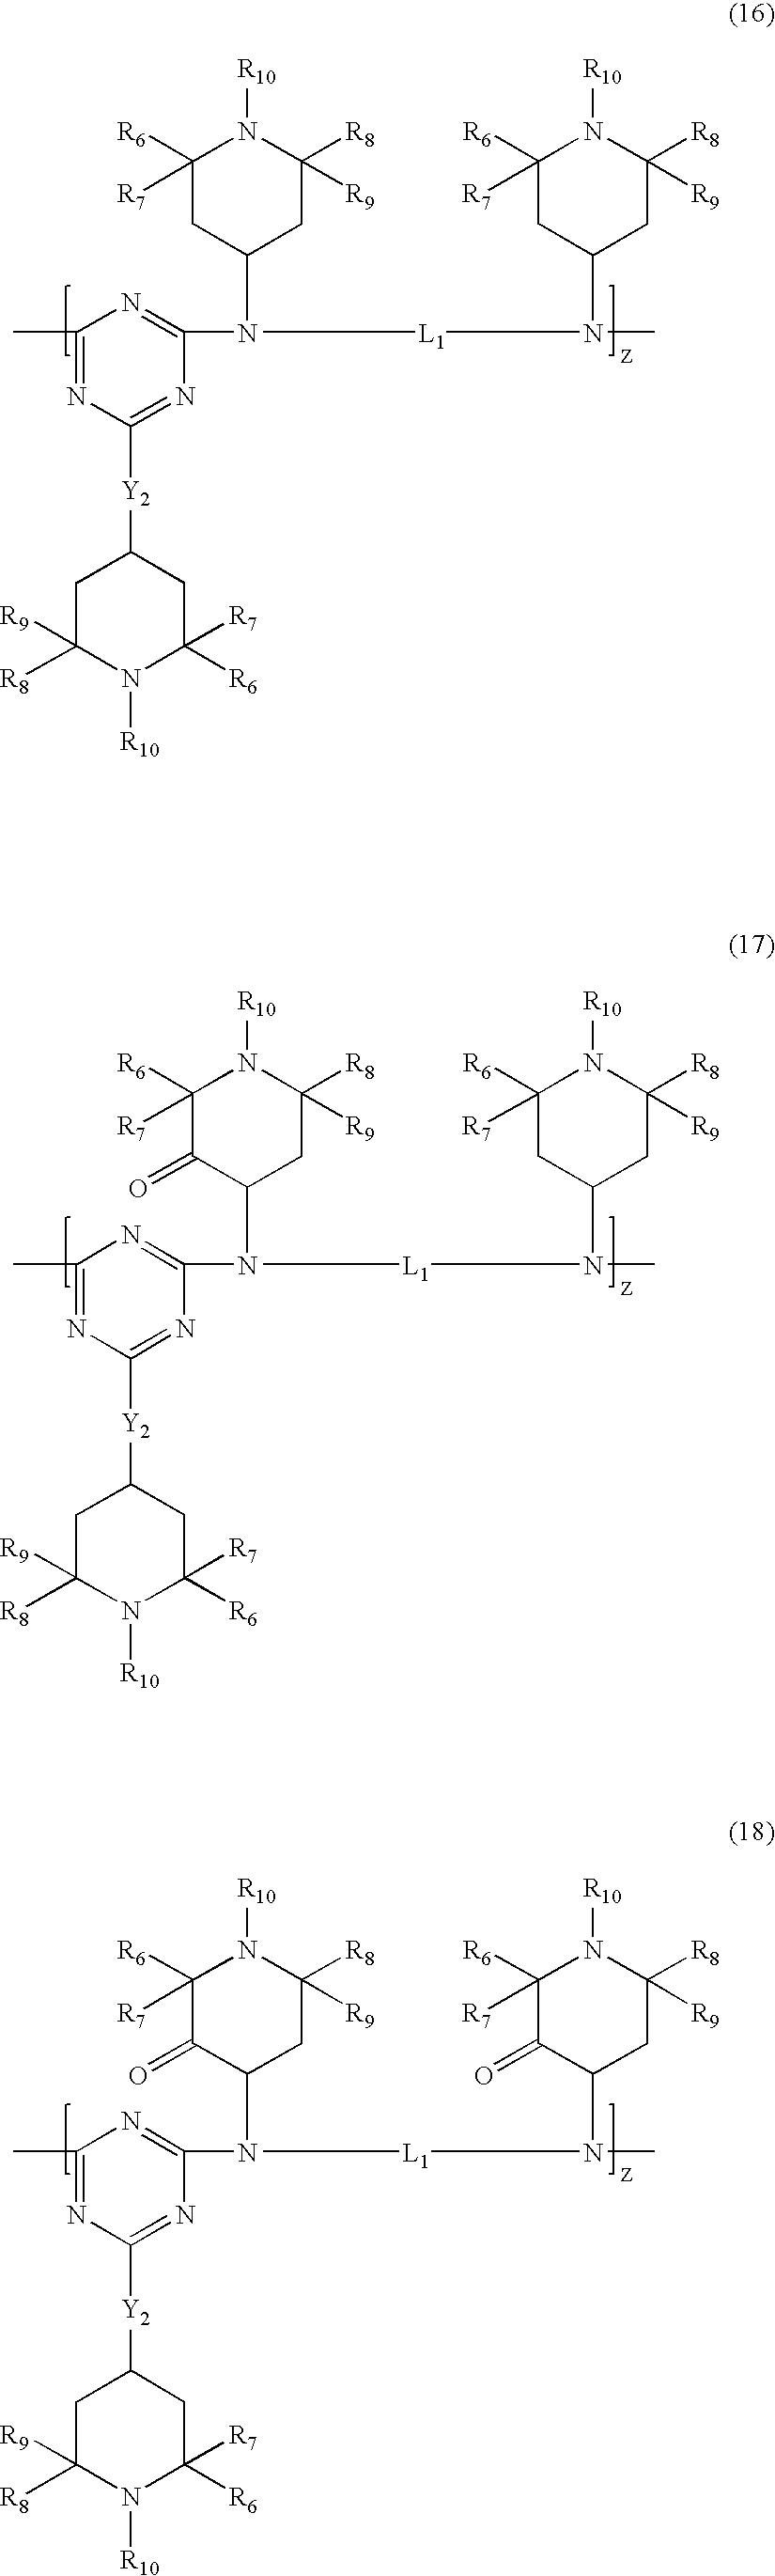 Figure US20070015883A1-20070118-C00012